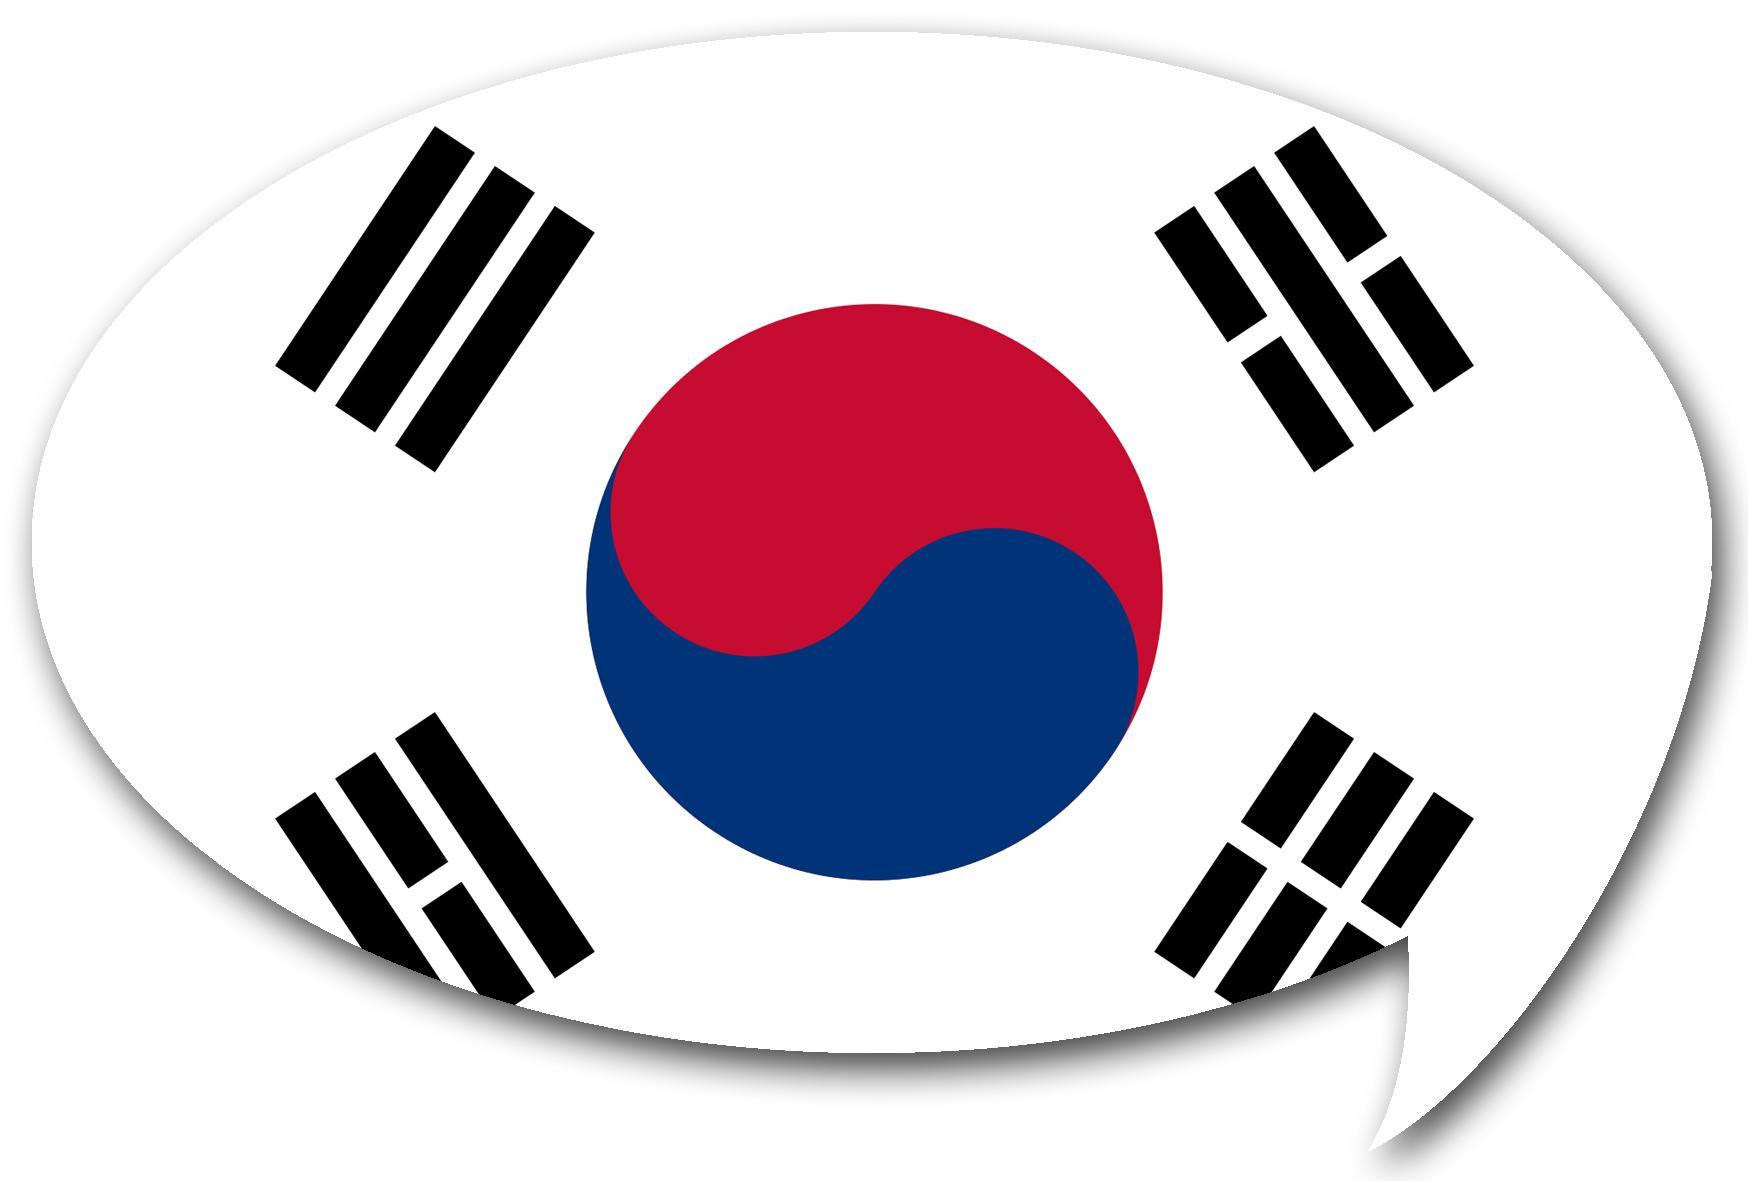 資本や学生の国籍比率で選ぶ - 韓国資本語学学校